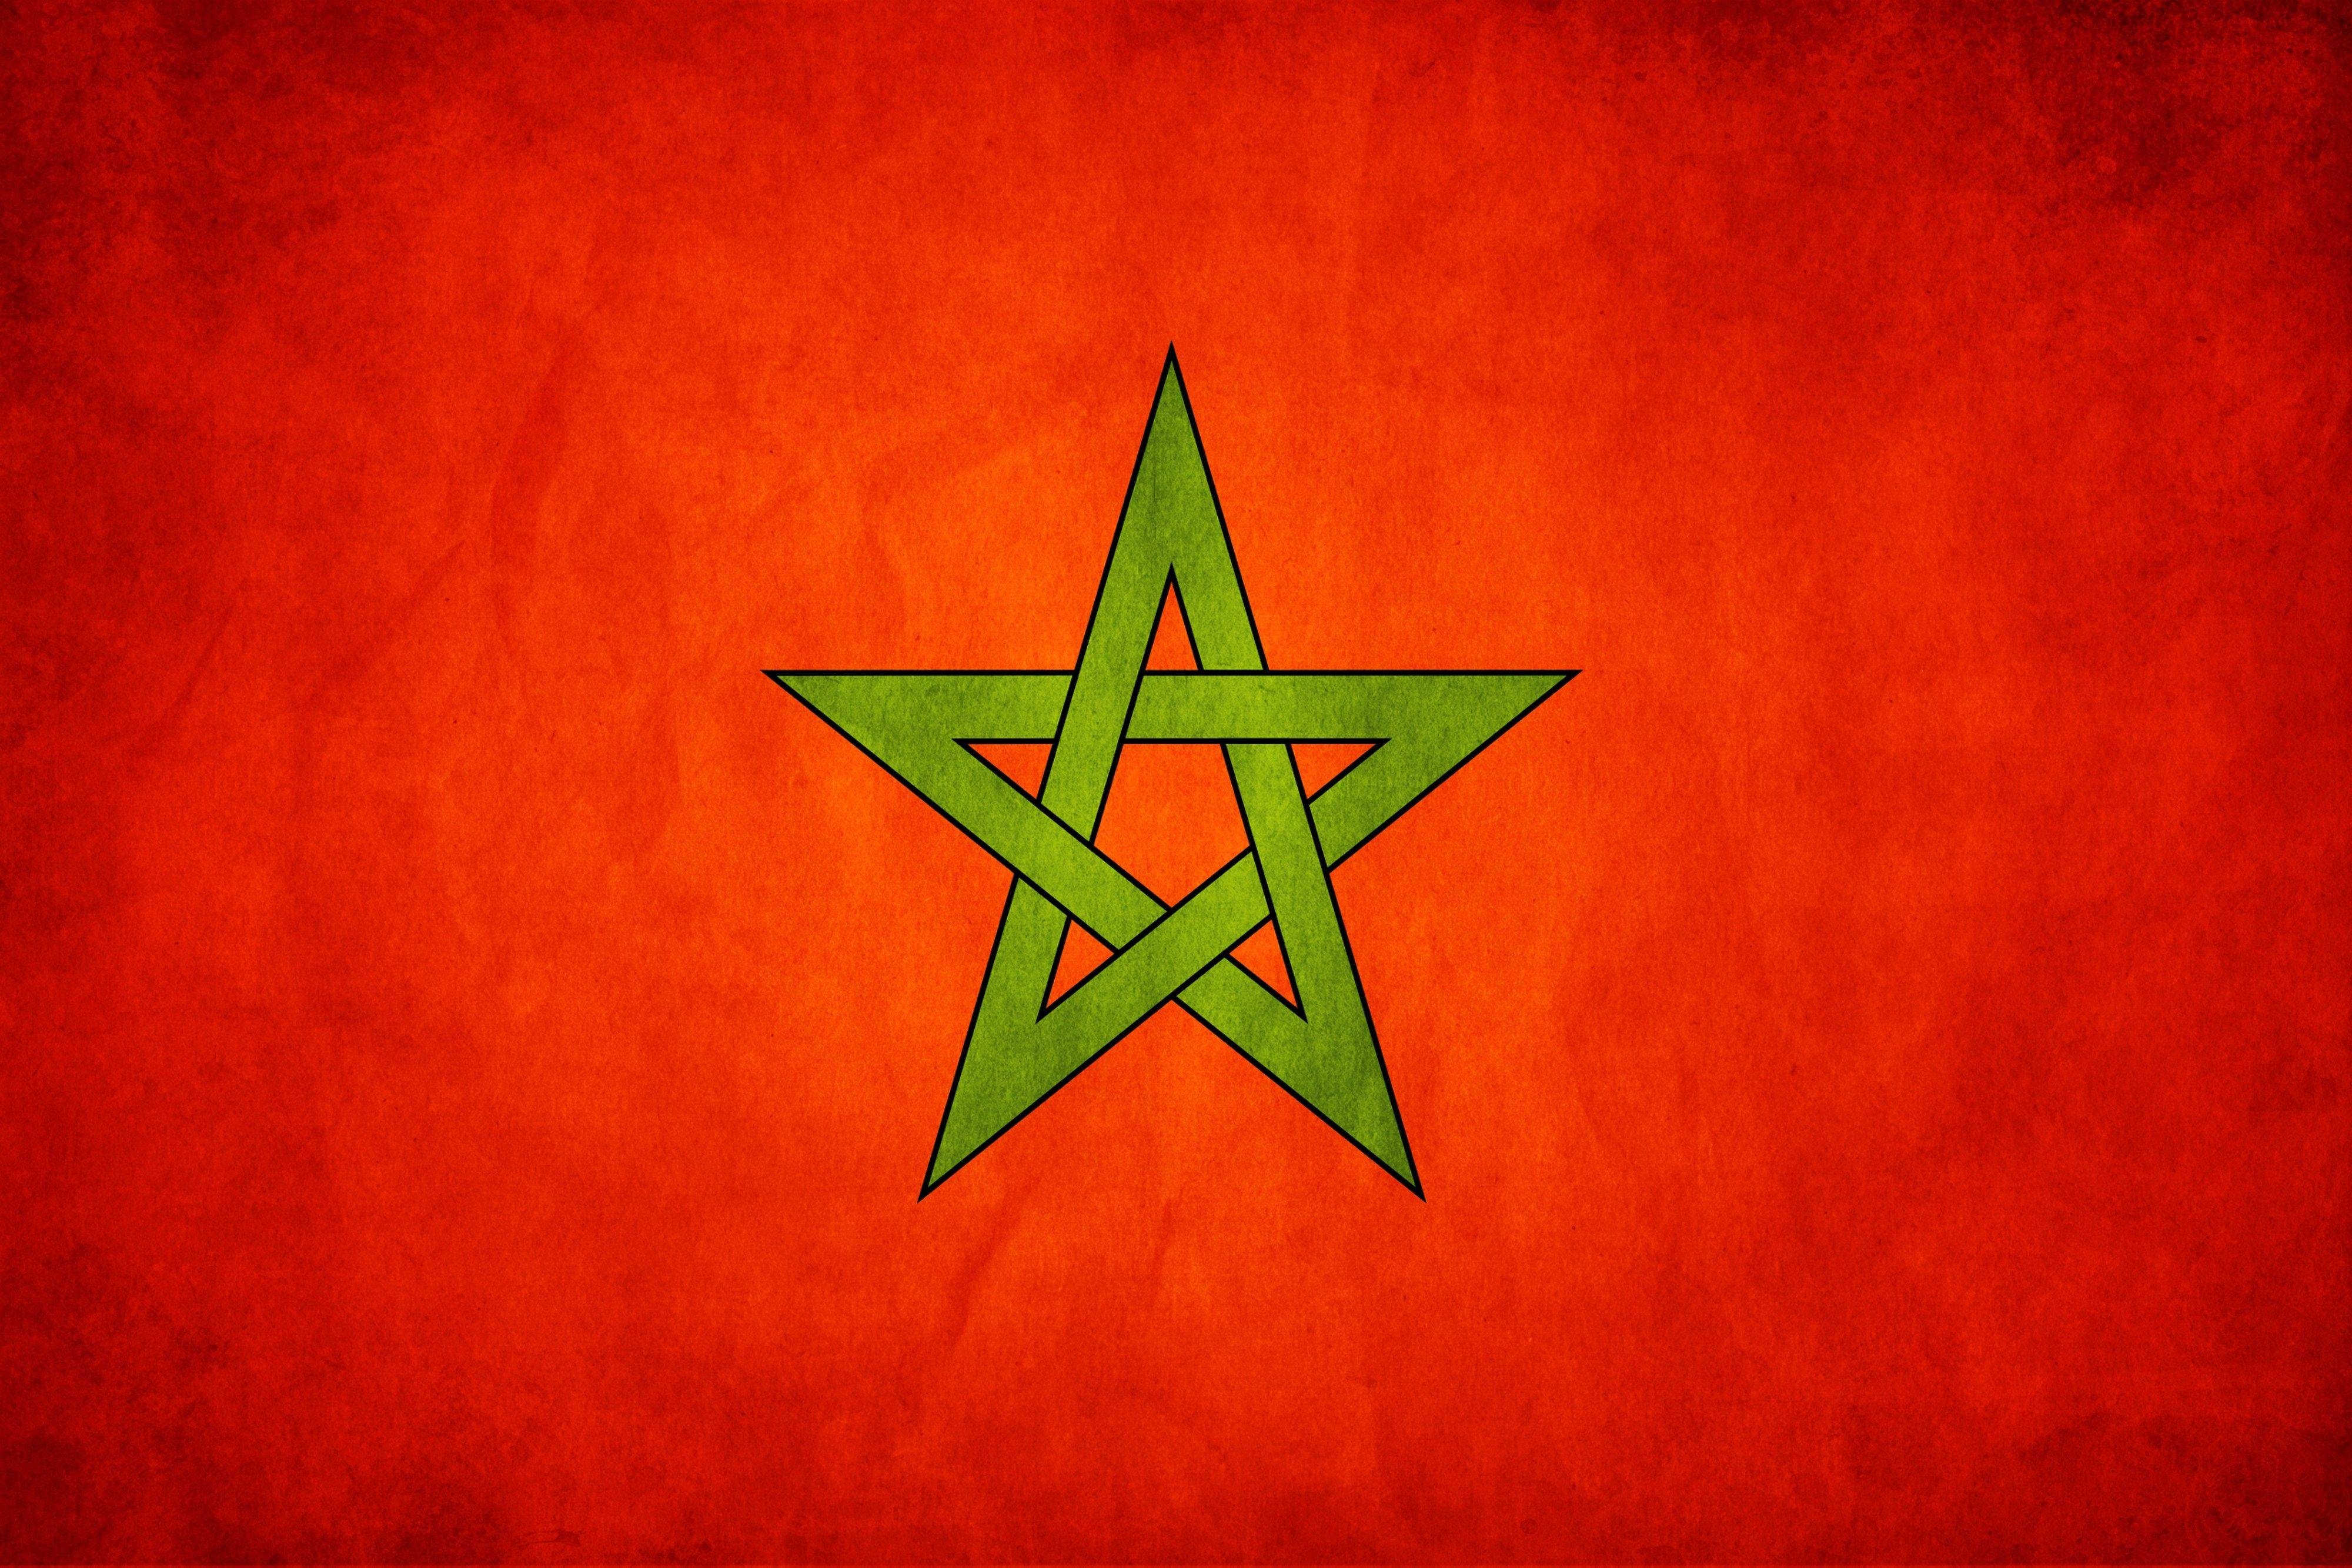 Les Emails Des Entreprises Au Maroc Morocco Flag Moroccan Flag